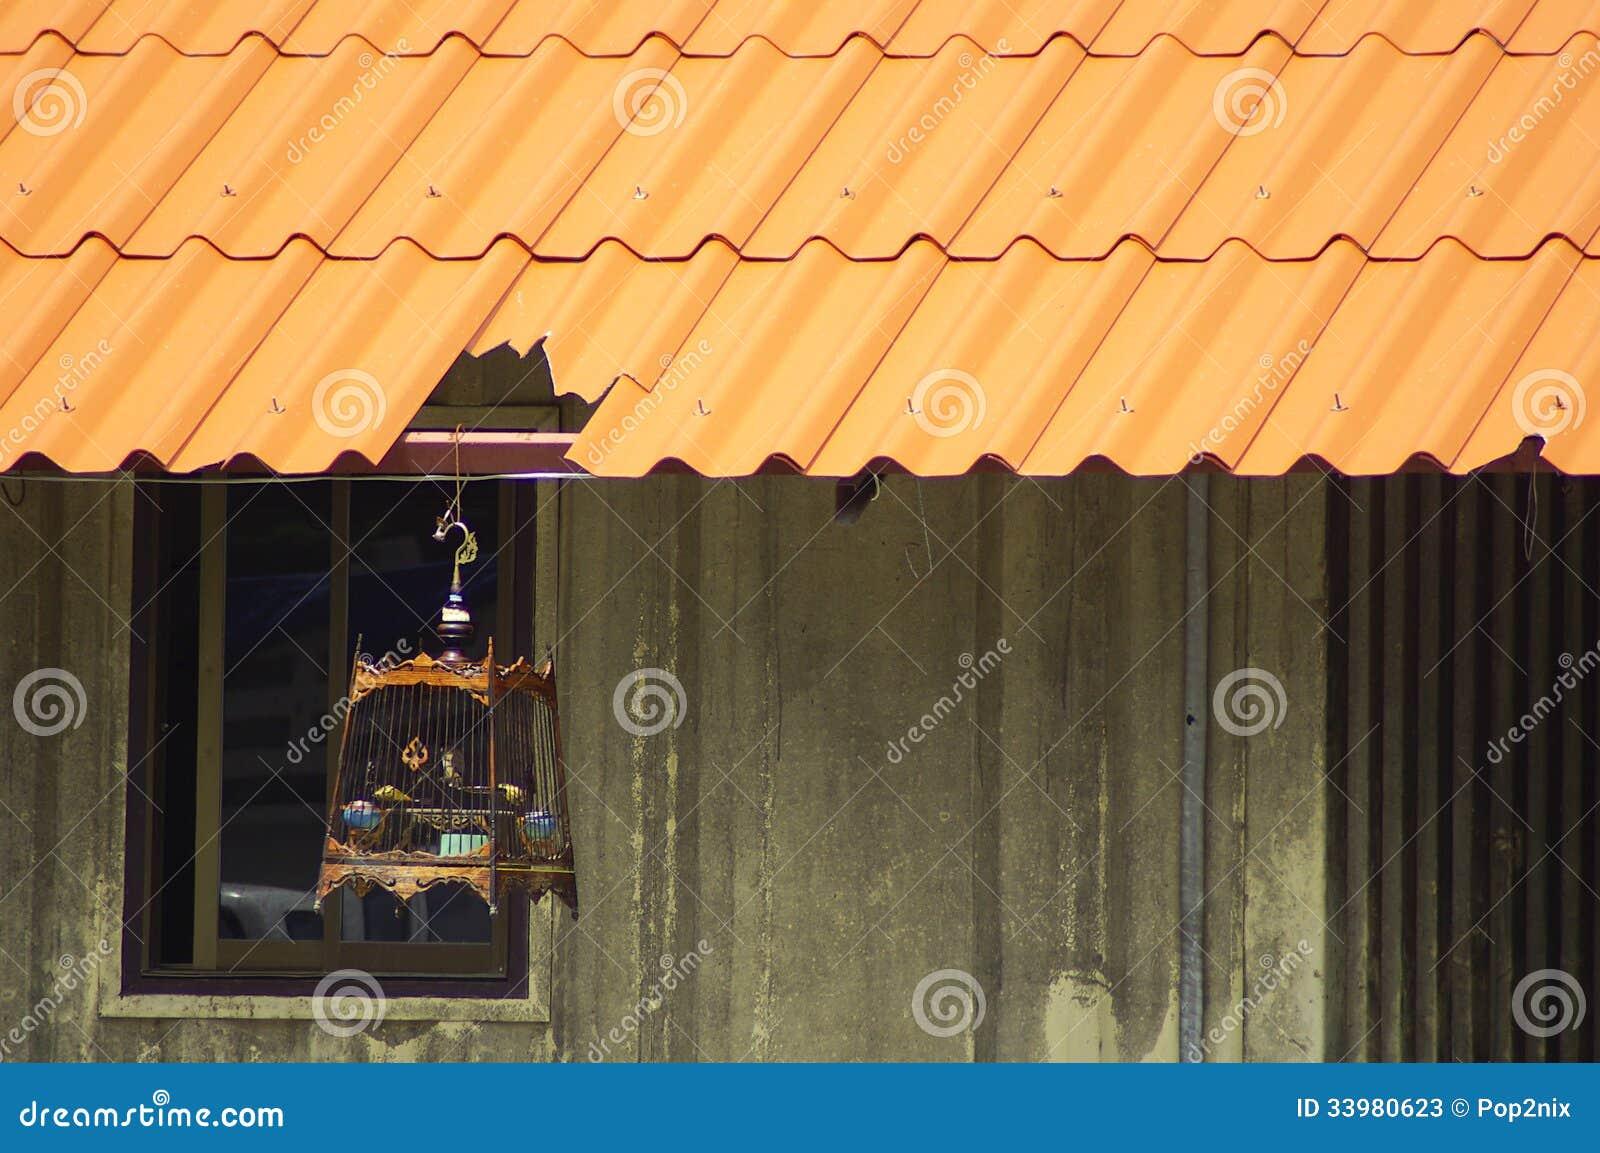 Vogelkooi In Huis : Houten bordjes met vogelkooi marktplaza